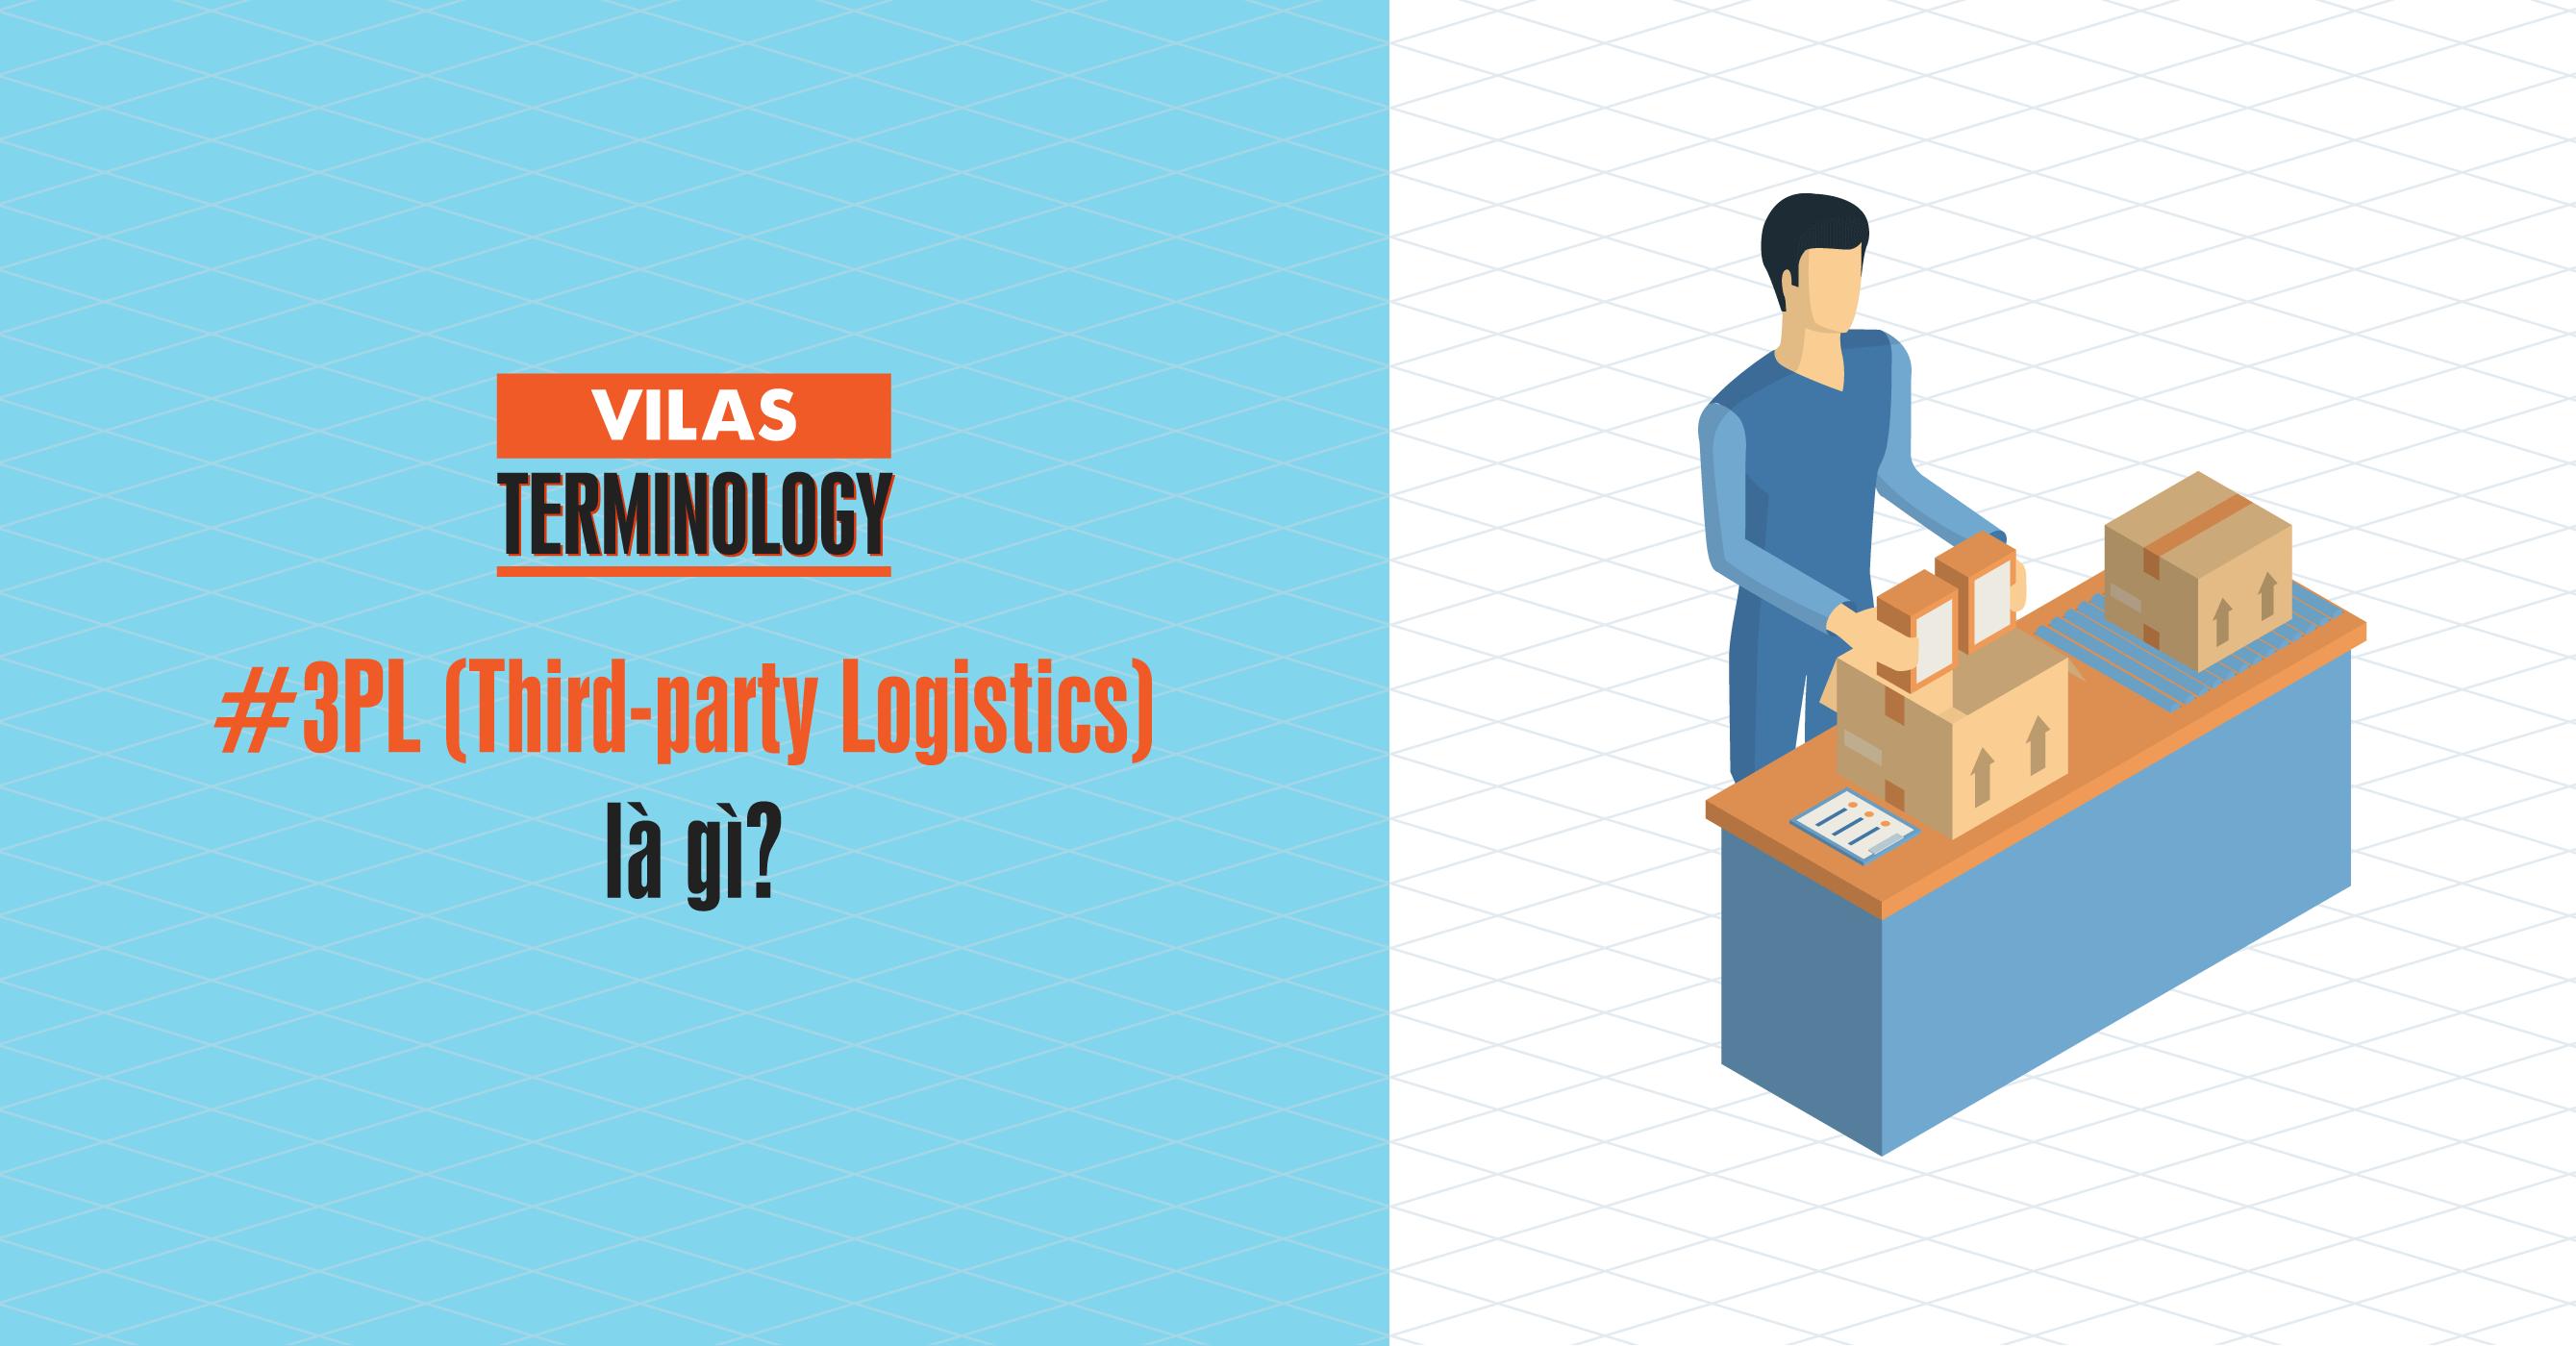 Doanh nghiệp 3PL - Third-party Logistics là gì?